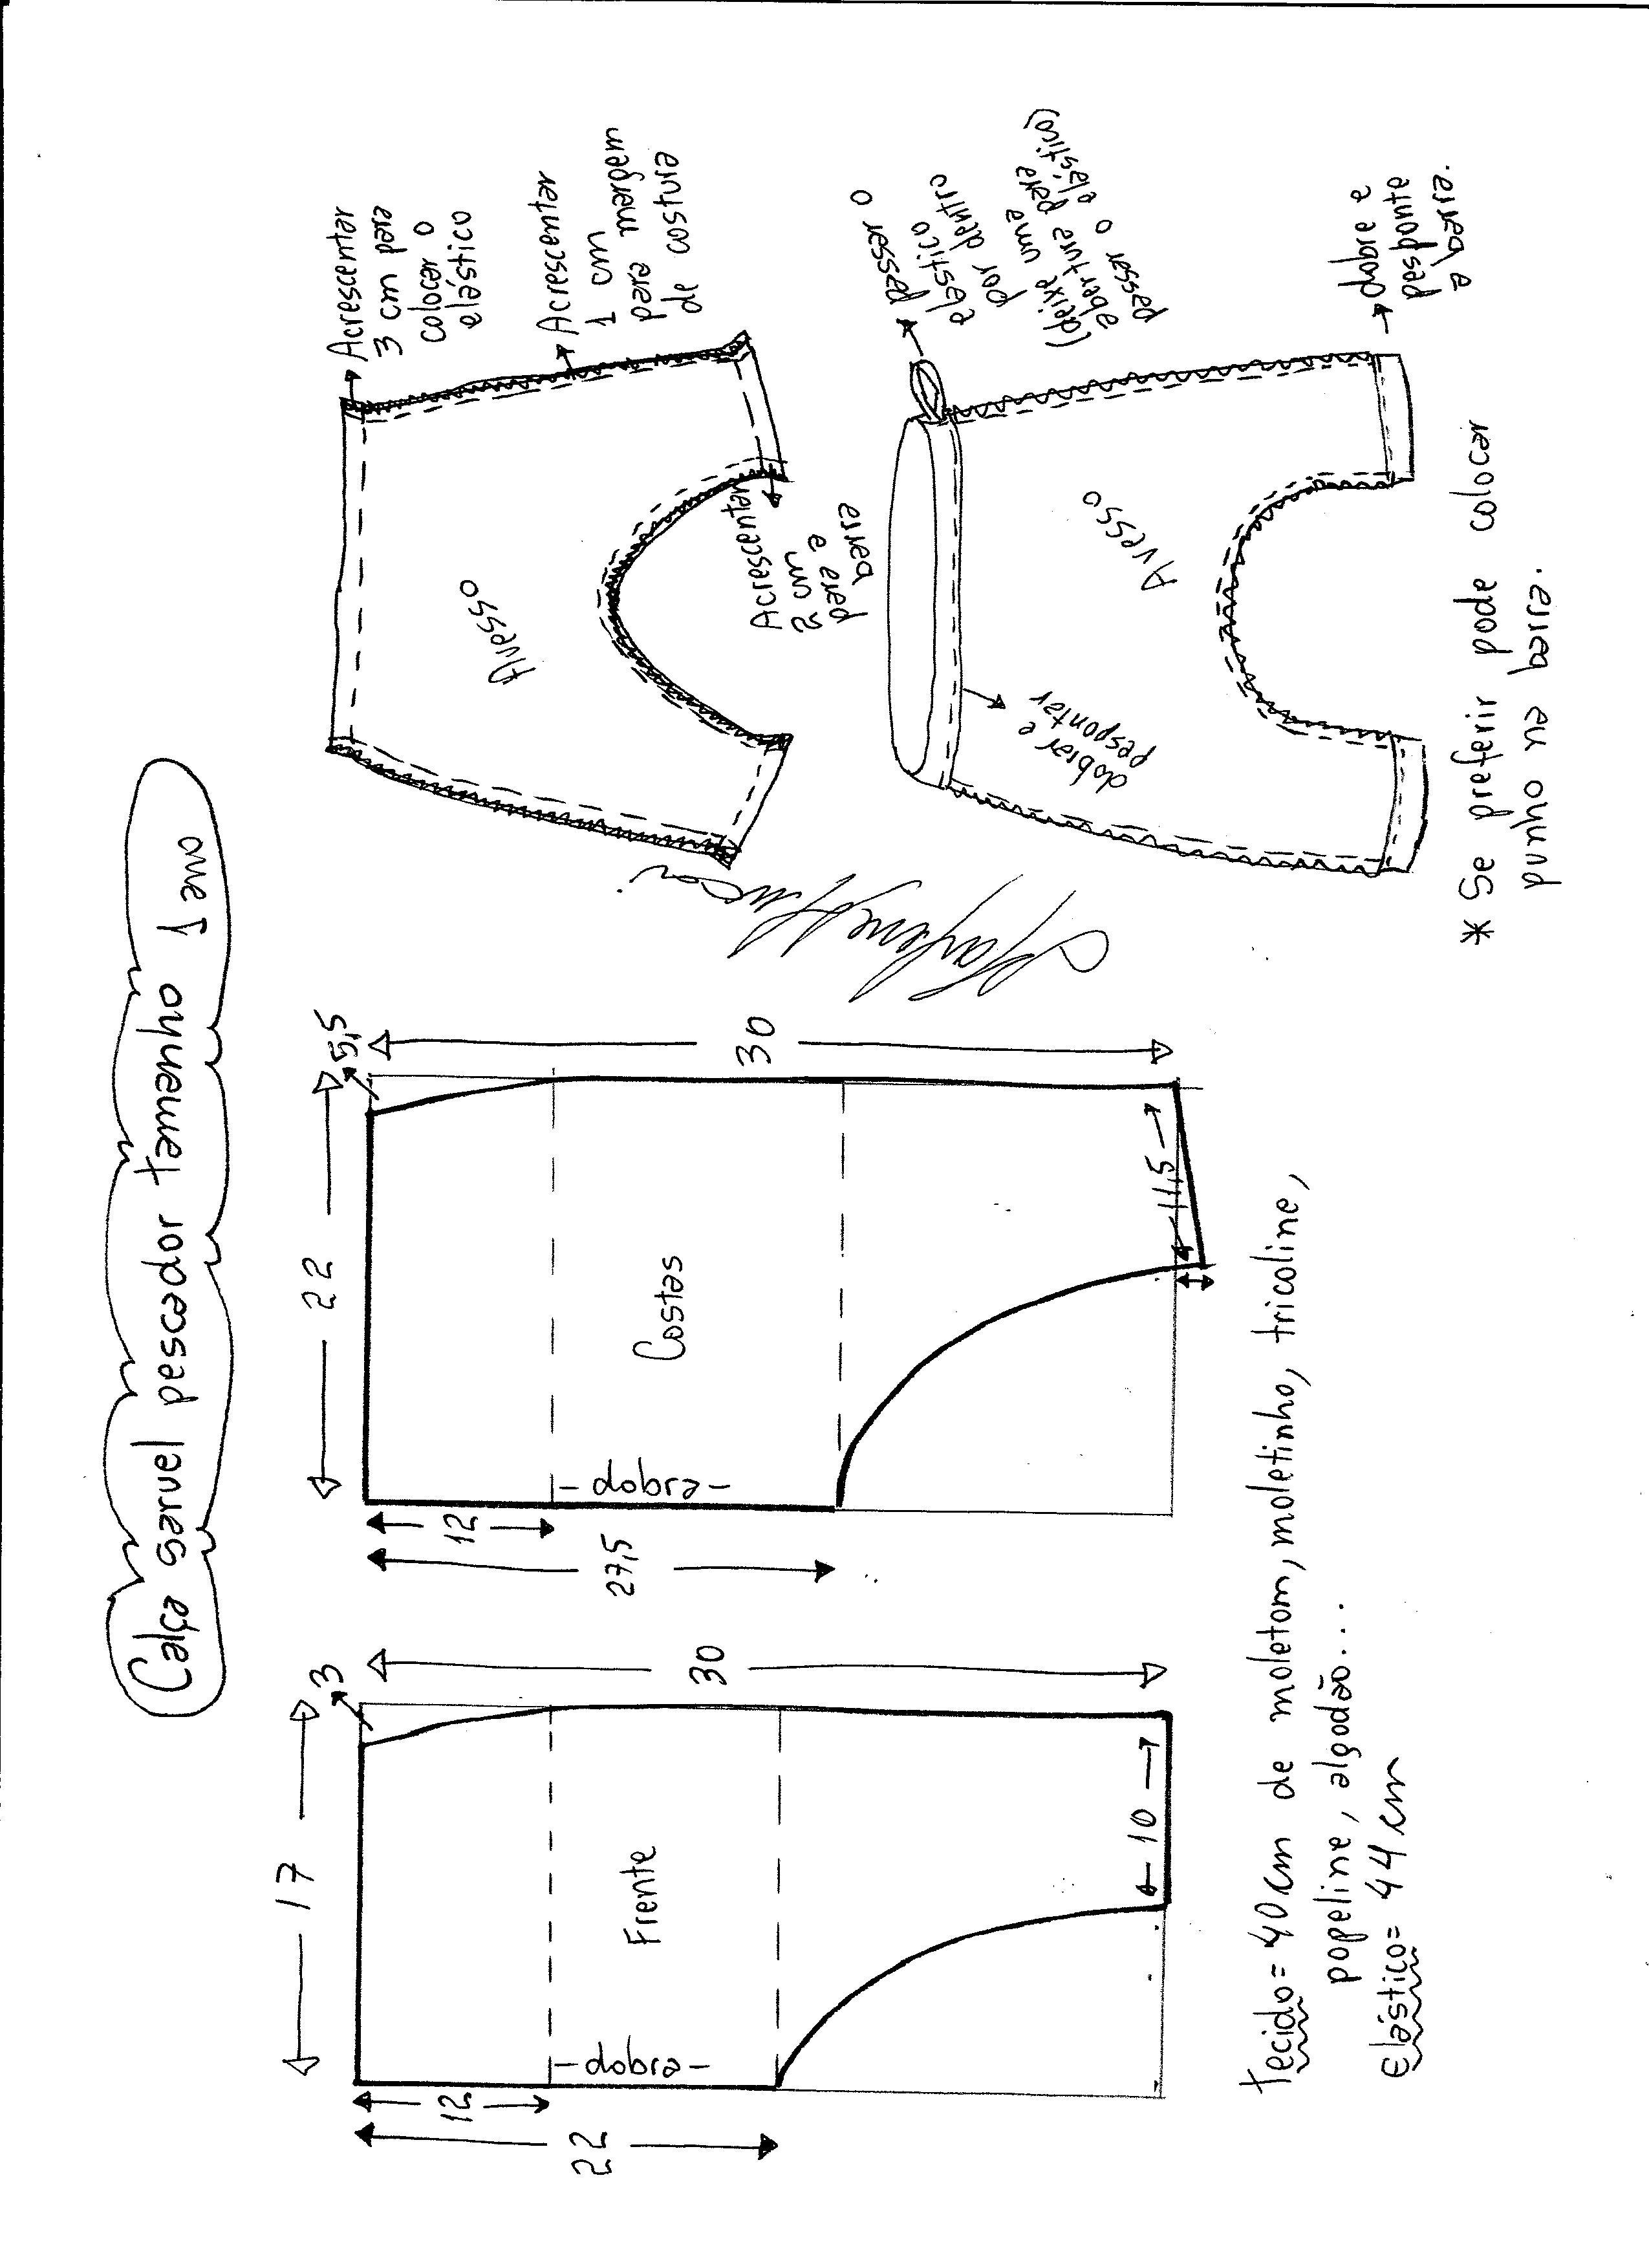 Esquema de modelagem de calça pescador saruel tamanho 1.